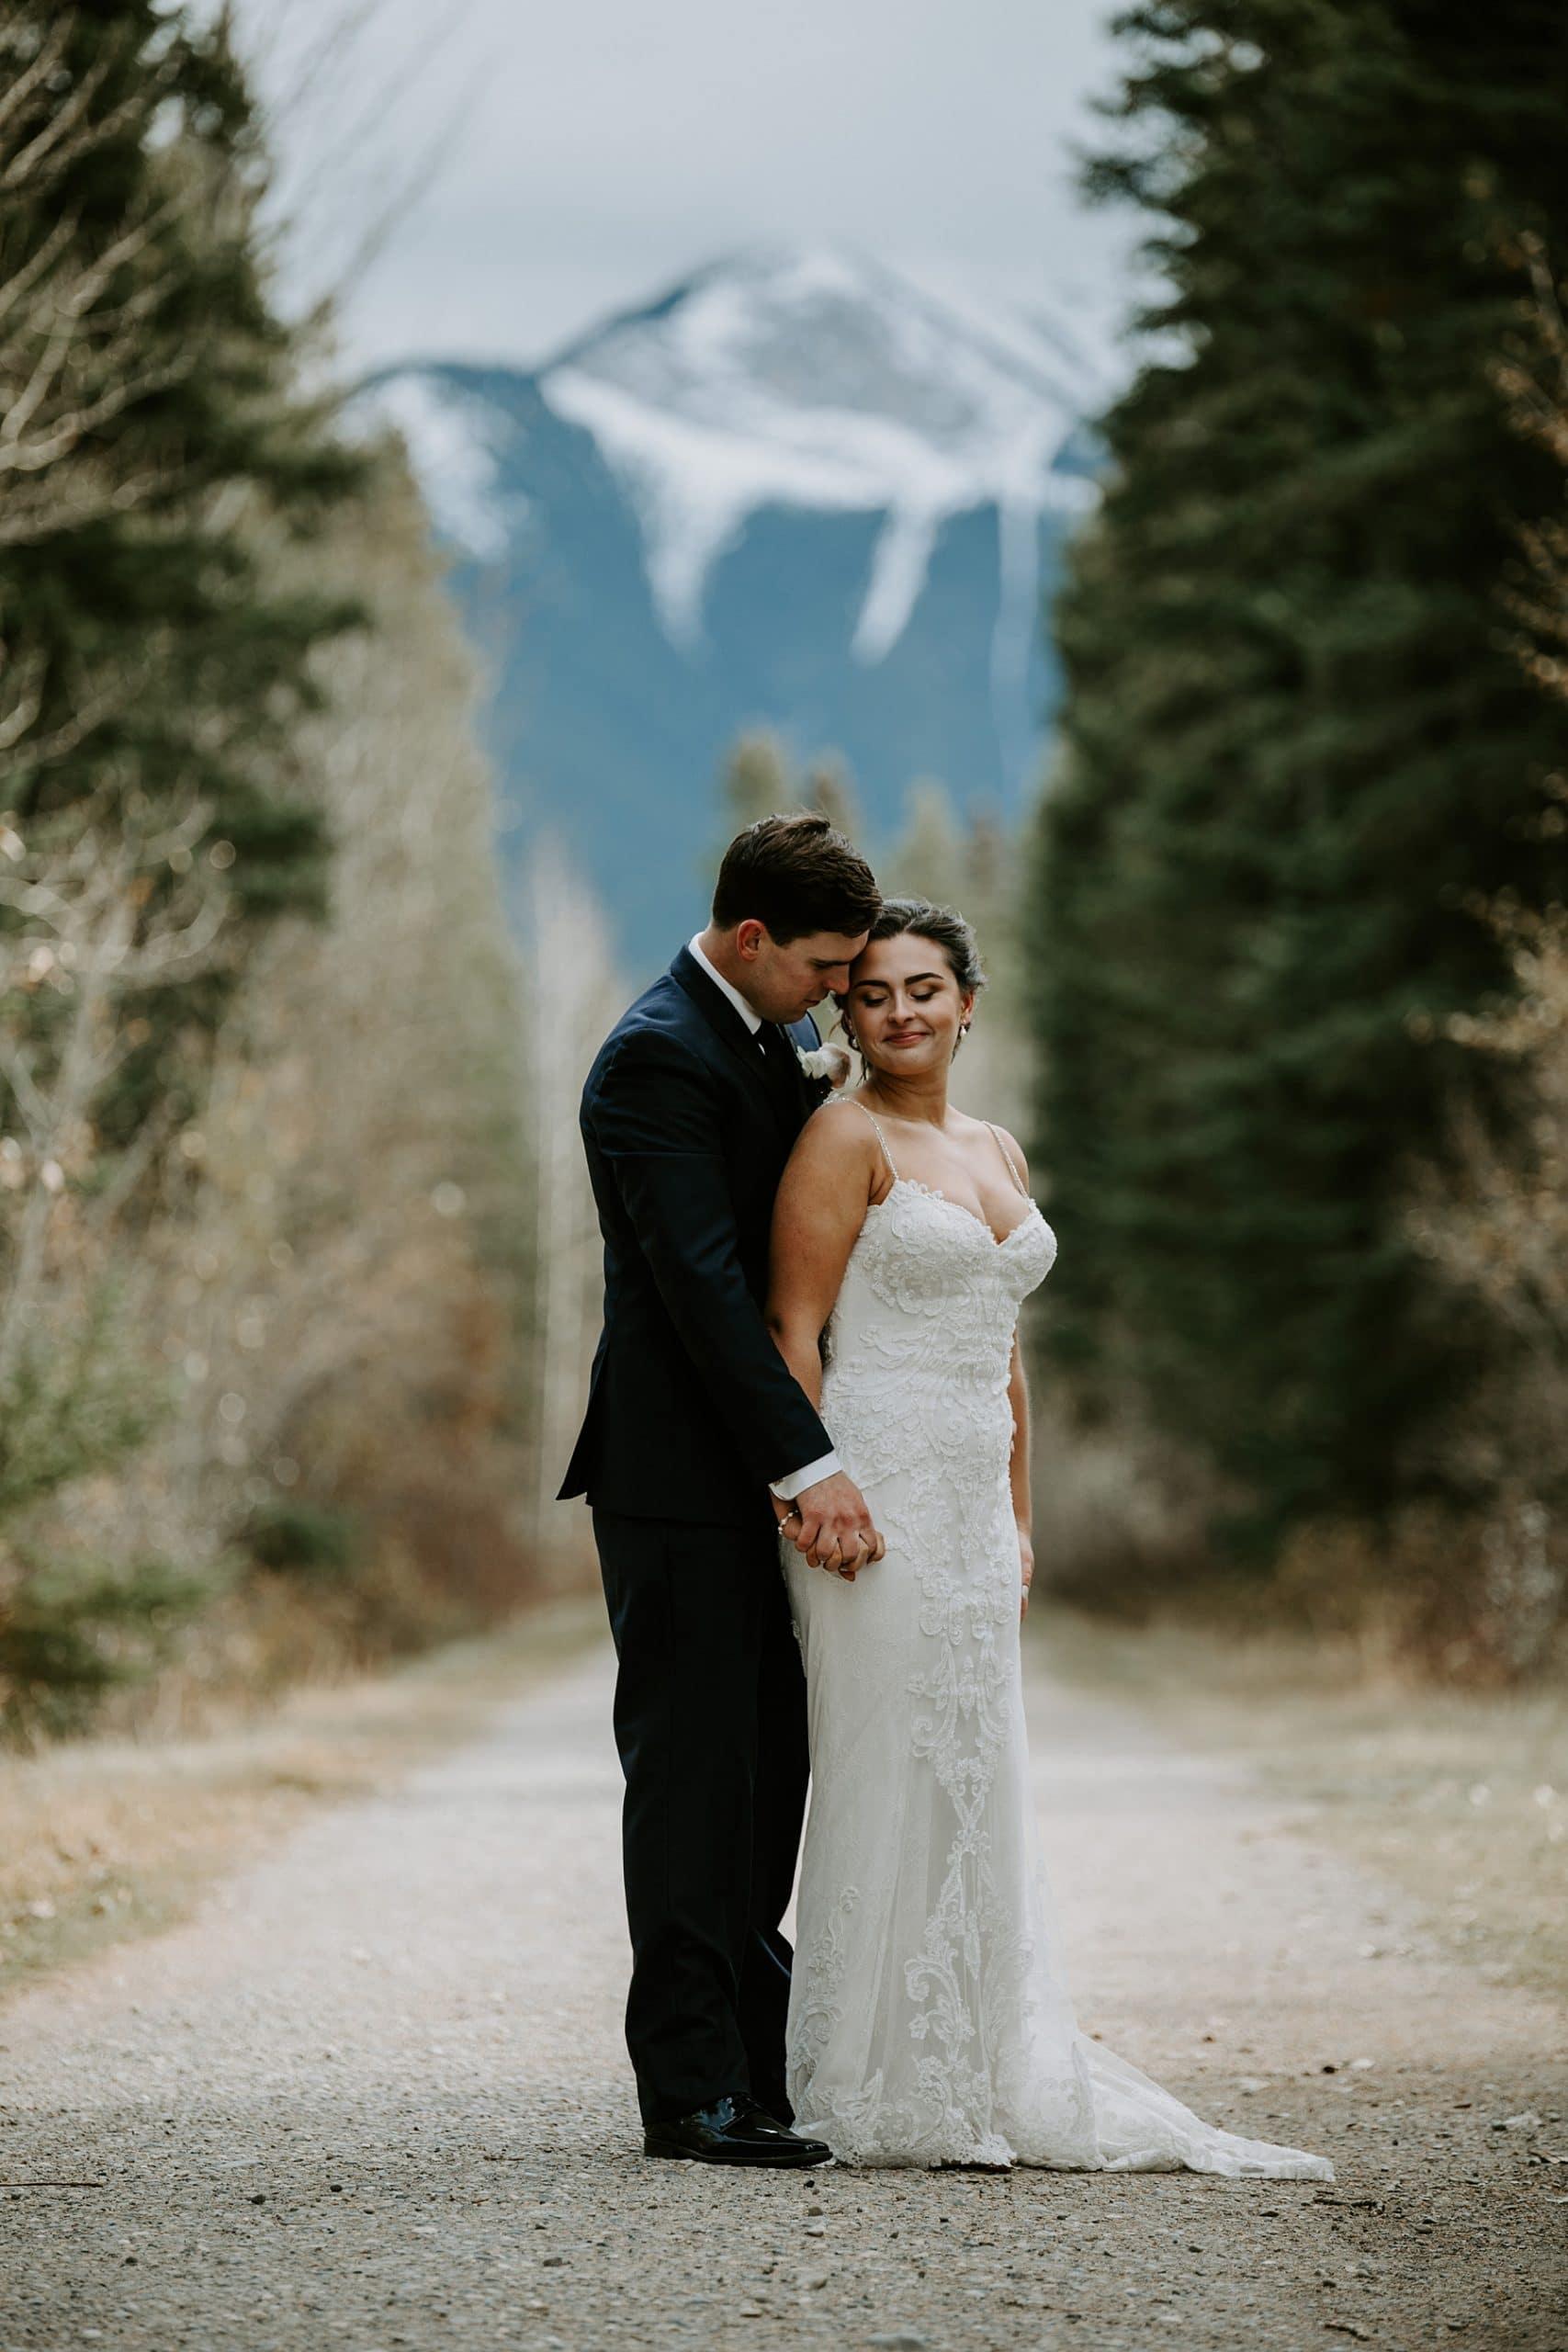 Canmore wedding photos